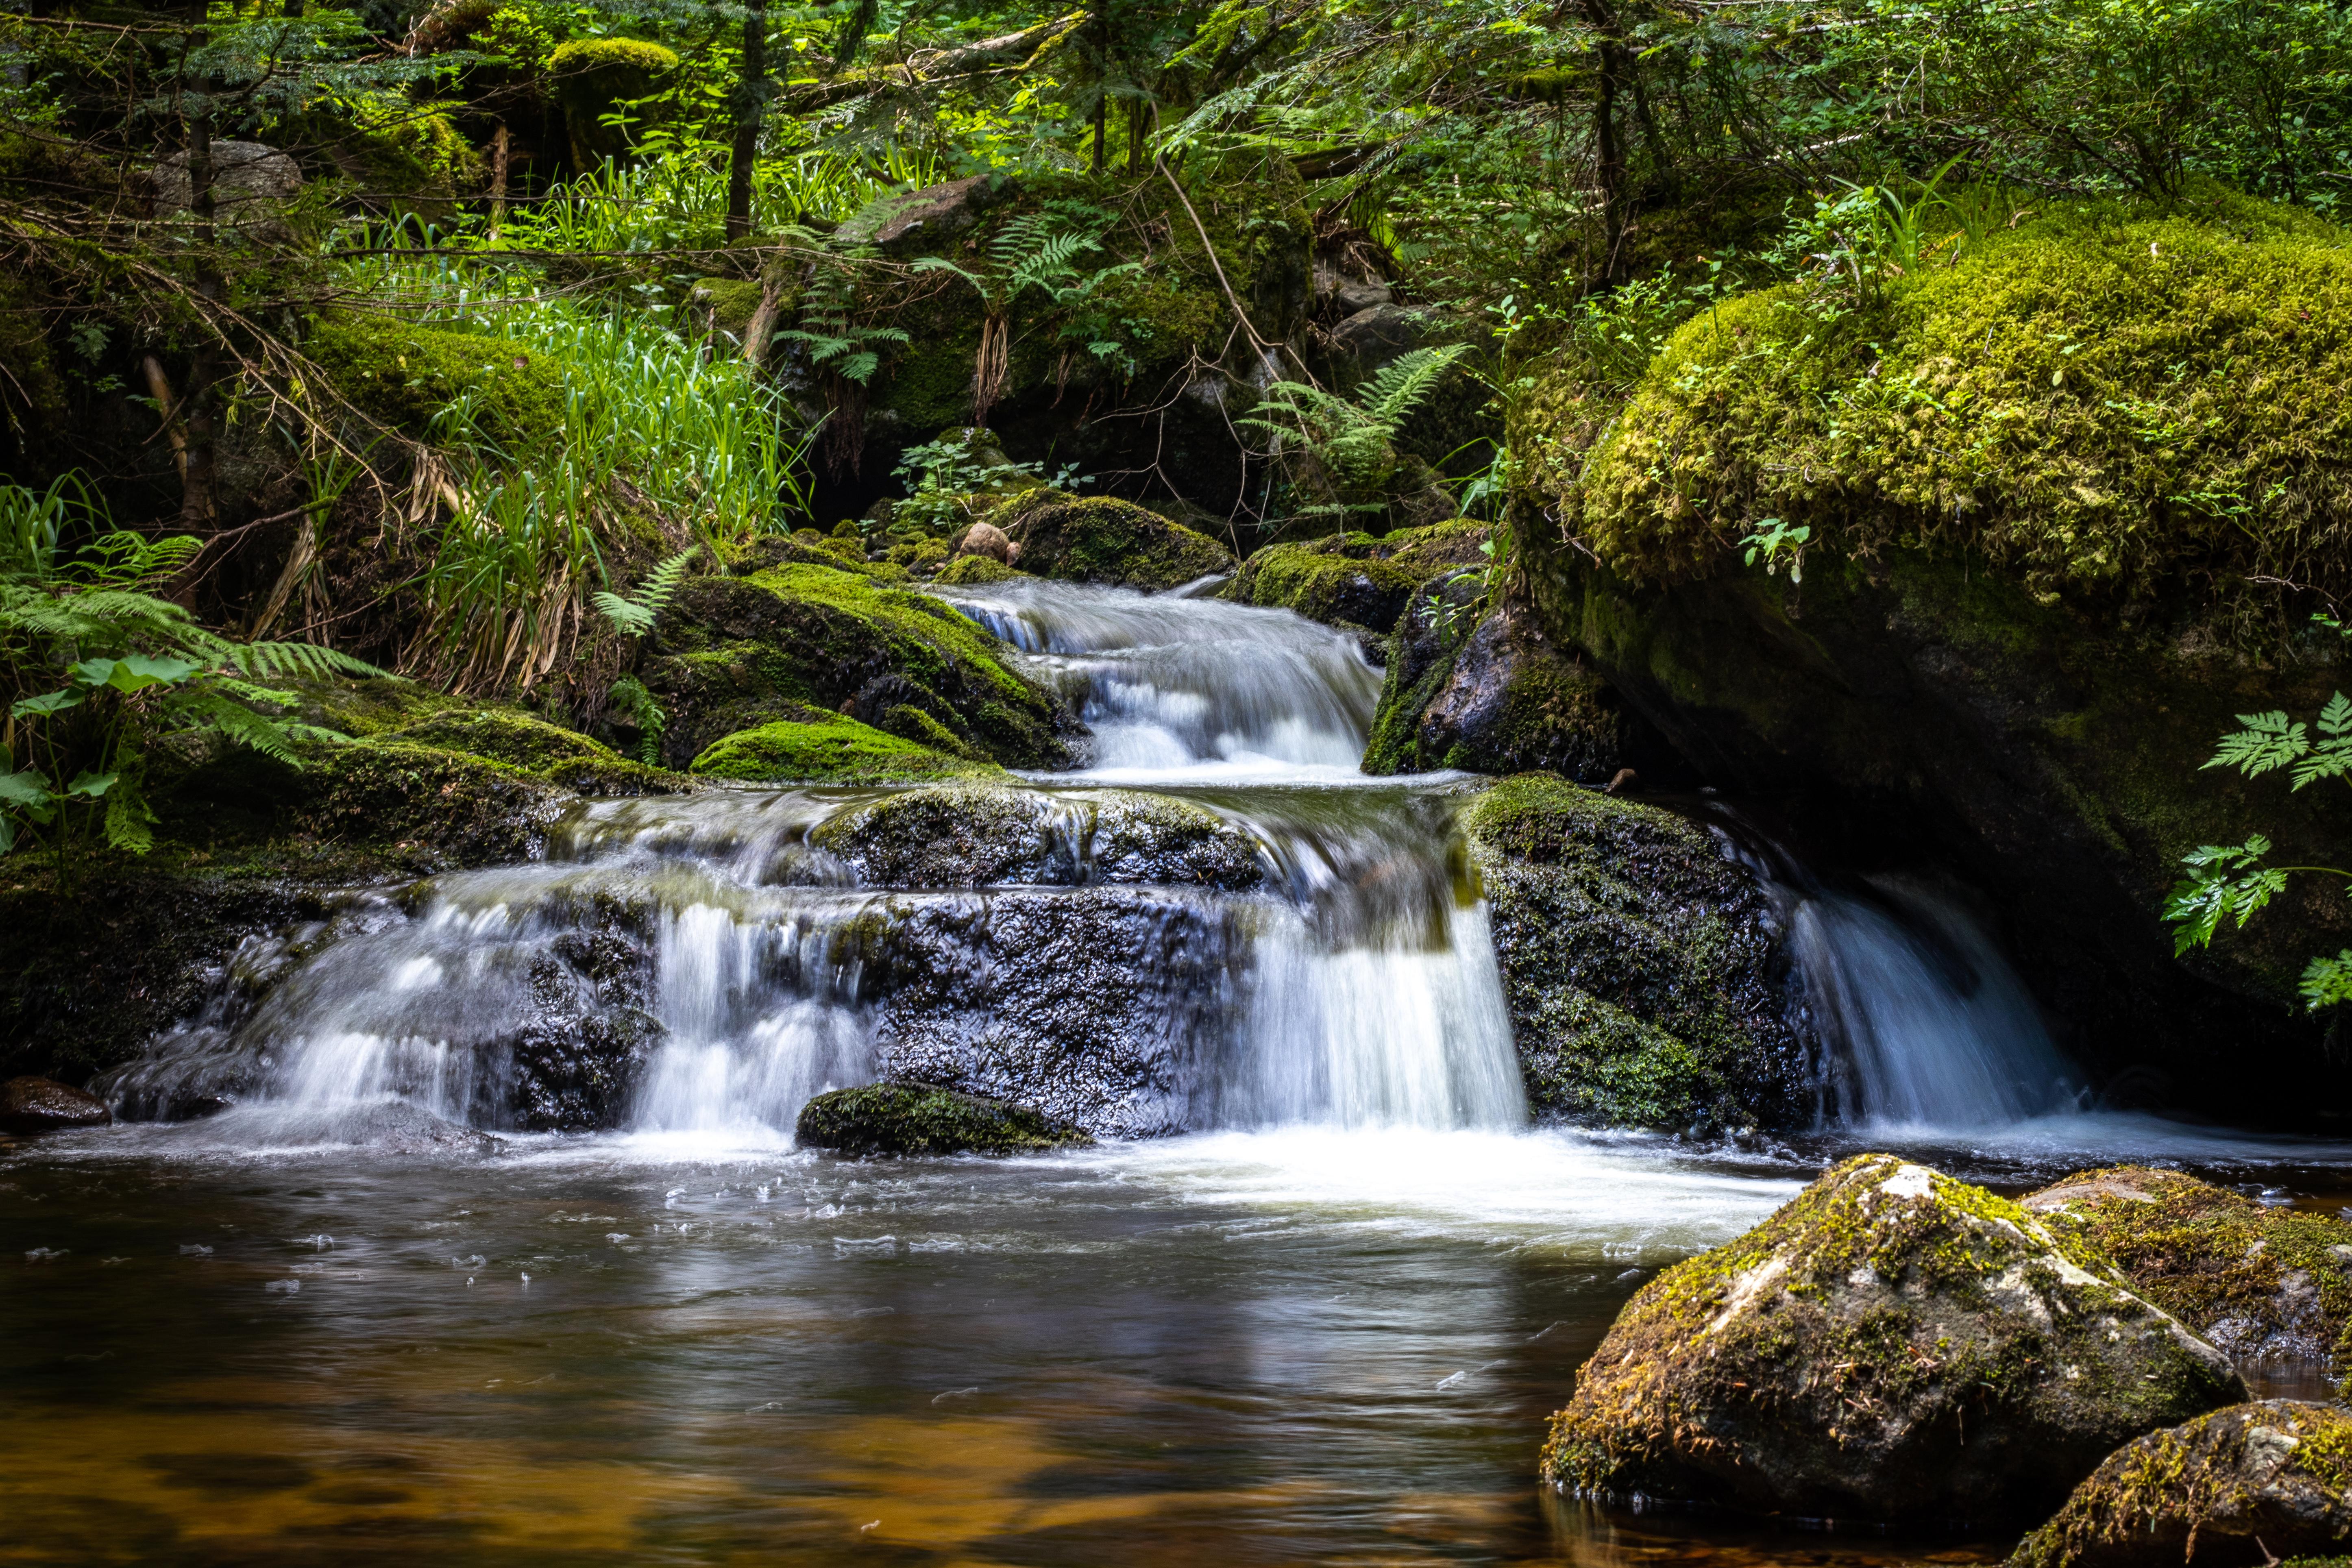 124659 обои 1080x2400 на телефон бесплатно, скачать картинки Растения, Водопад, Природа, Вода, Камни, Течение 1080x2400 на мобильный